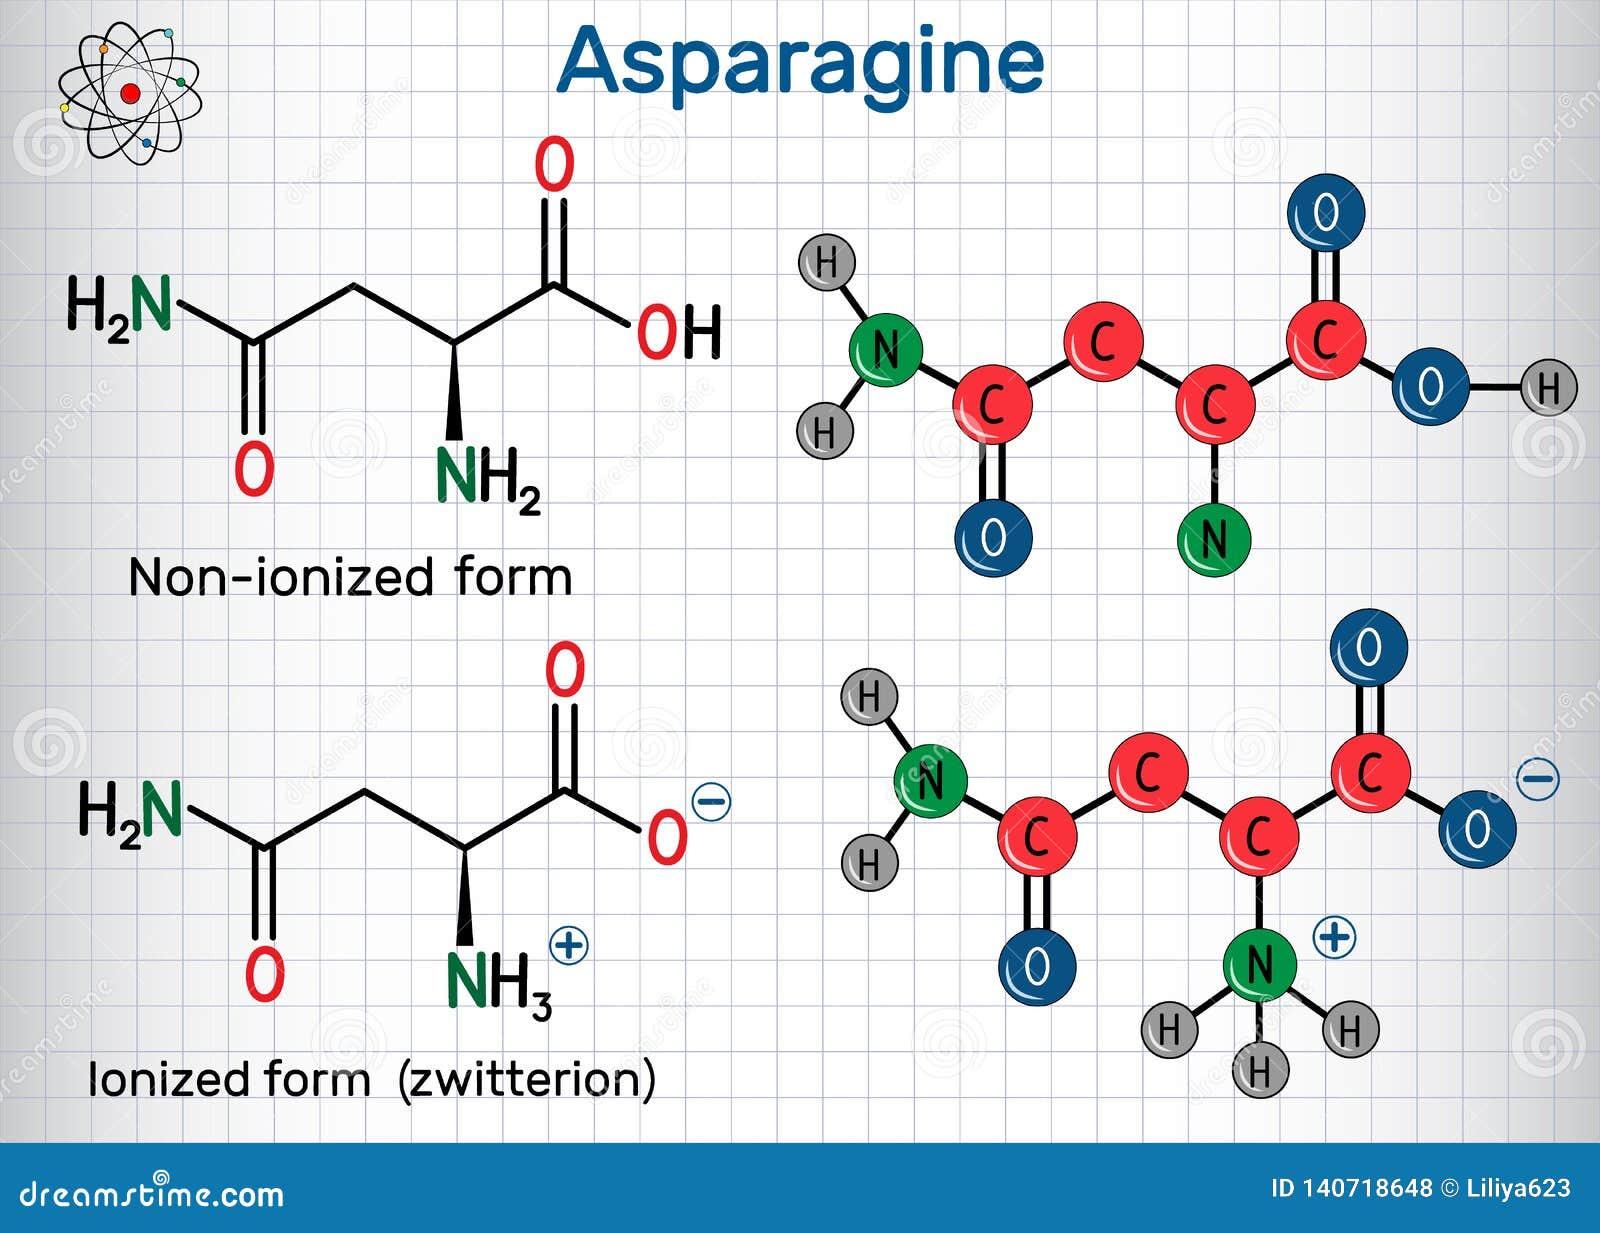 AsparagineL-asparagine, Asn, n-aminosyramolekyl Joniserade och icke-joniserade zwitterionformer strukturell kemisk formel